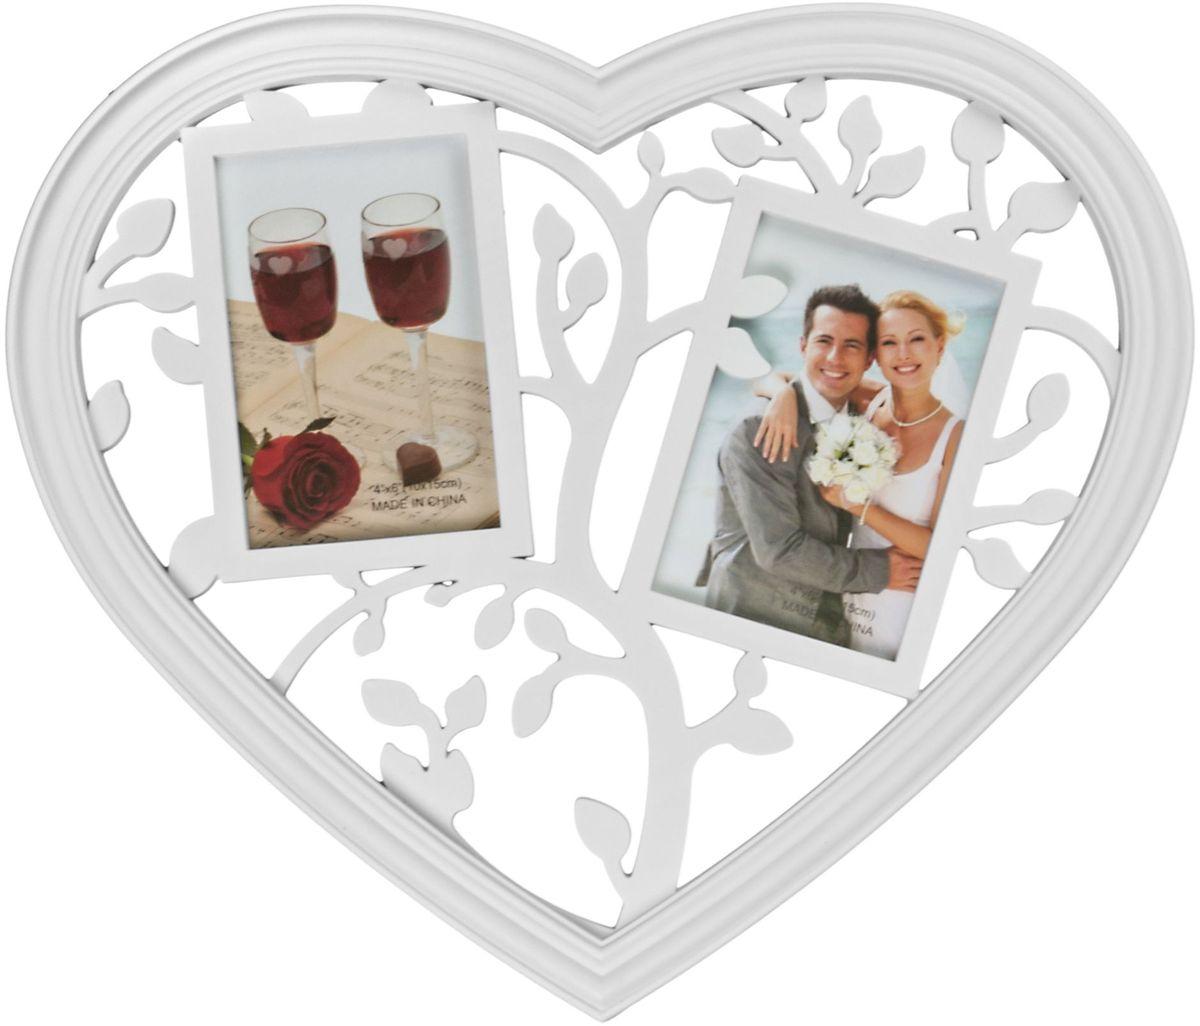 Фоторамка Platinum Сердце, цвет: белый, на 2 фото 10 х 15 смBIN-1123400-White-БелыйФоторамка Platinum Сердце - прекрасный способ красиво оформить ваши фотографии. Фоторамка выполнена из пластика в виде сердца и защищена стеклом.Фоторамка-коллаж представляет собой две фоторамки для фото одного размера оригинально соединенных между собой. Такая фоторамка поможет сохранить в памяти самые яркие моменты вашей жизни, а стильный дизайн сделает ее прекрасным дополнением интерьера комнаты. Фоторамка подходит для фотографий 10 х 15 см. Общий размер фоторамки: 40 х 34 см.